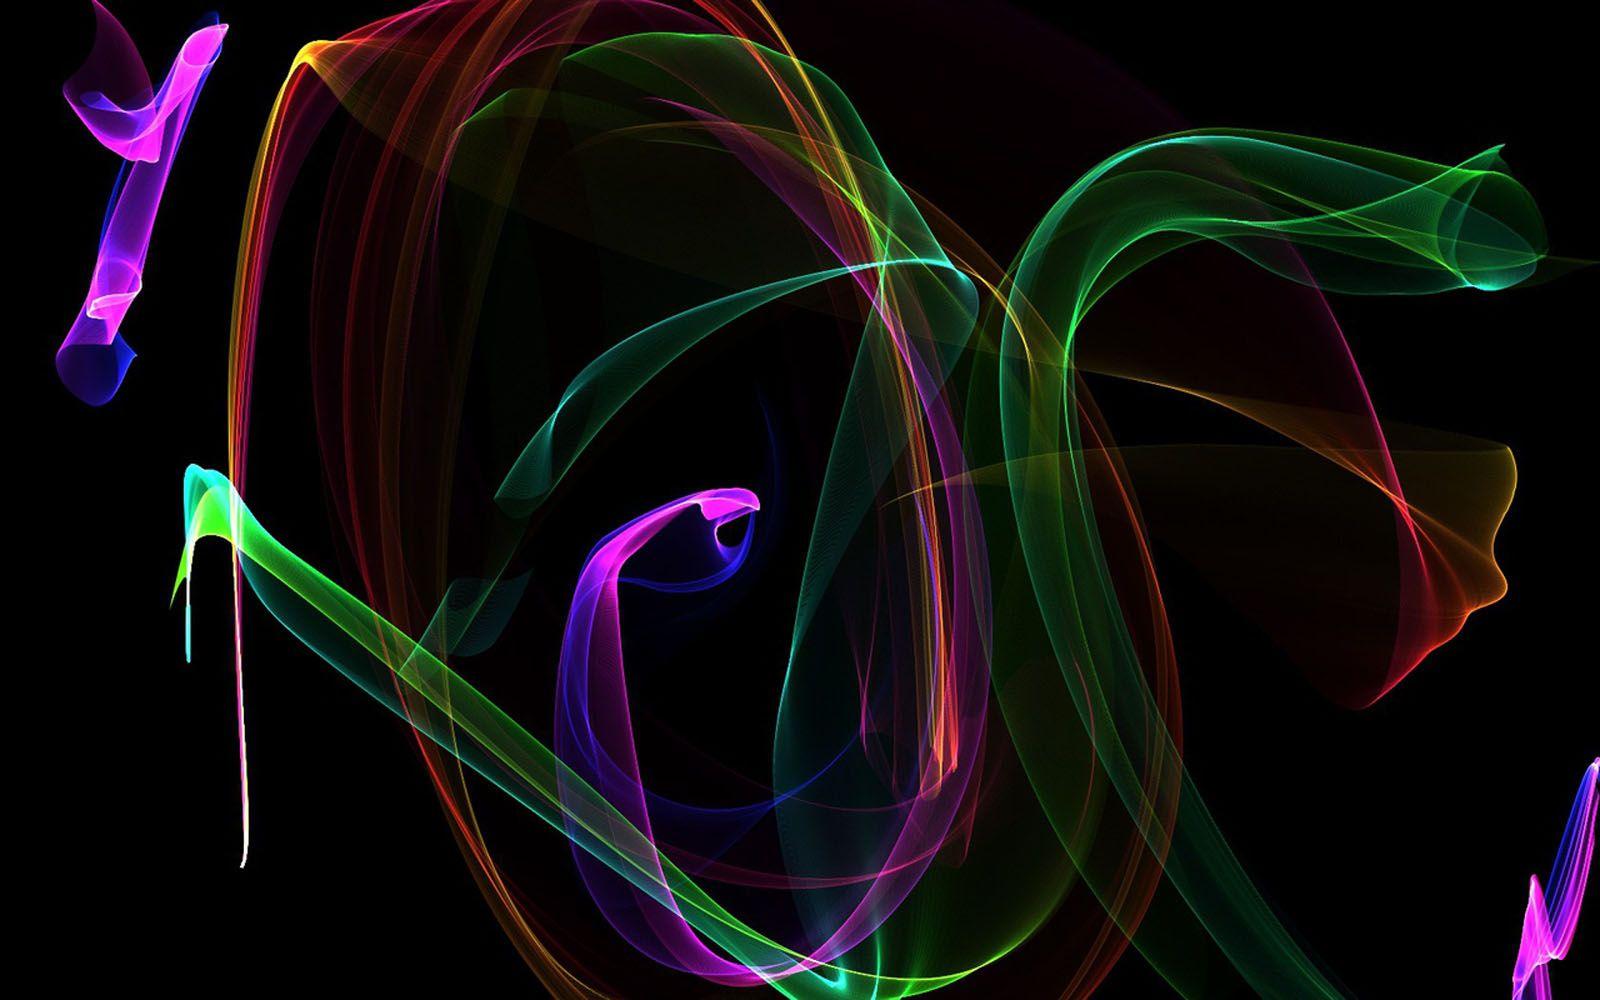 Neon wallpaper Abstract Neon Wallpapers Neon wallpaper